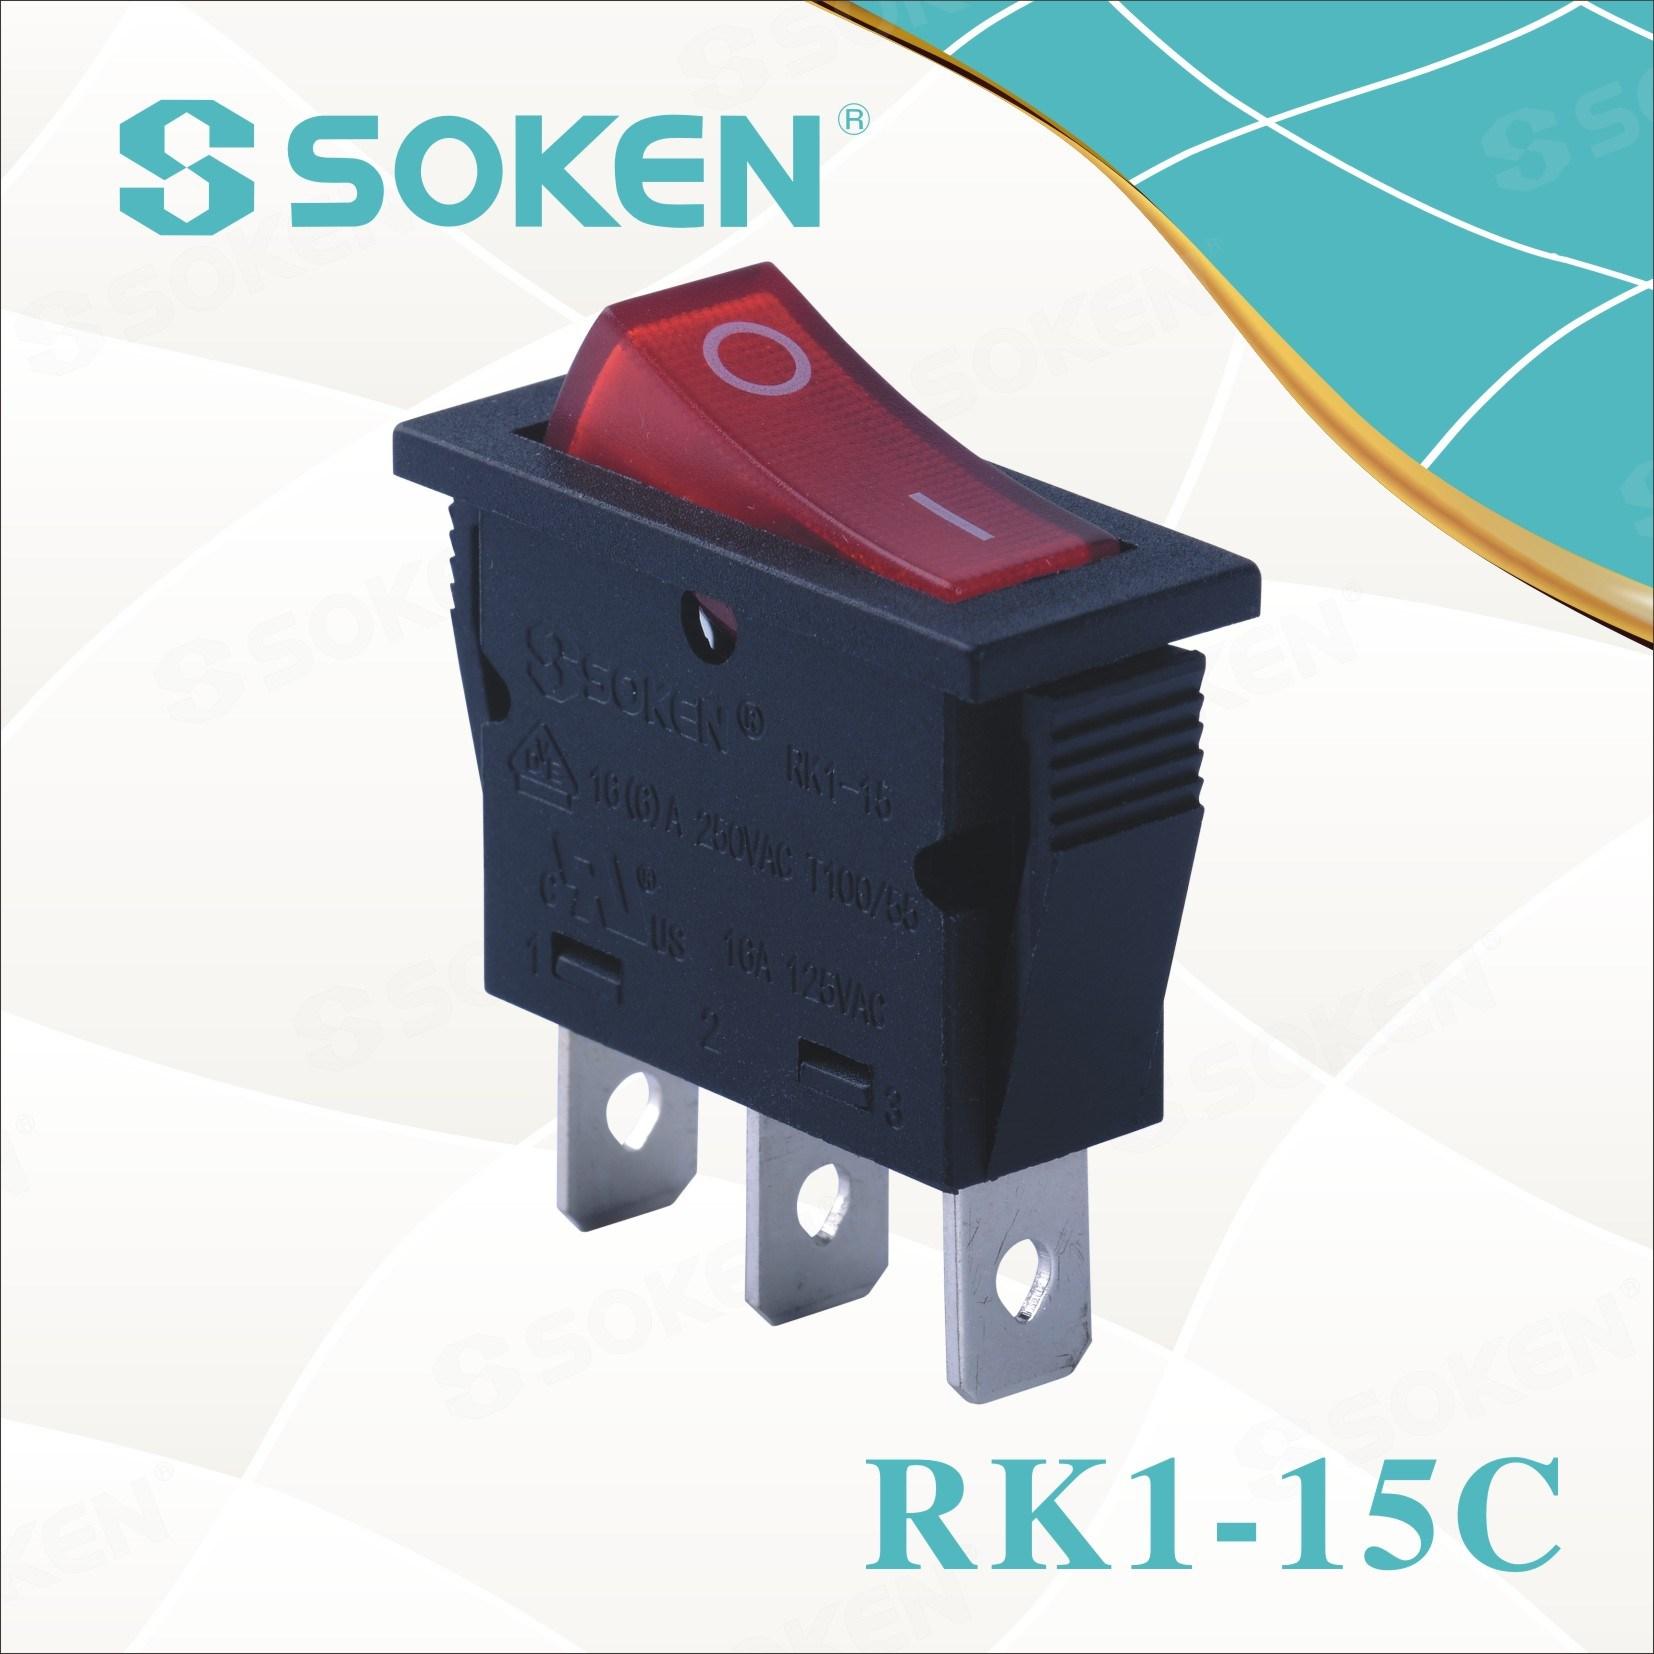 Soken Rk1-15c Water Ubungqina Rocker Switch